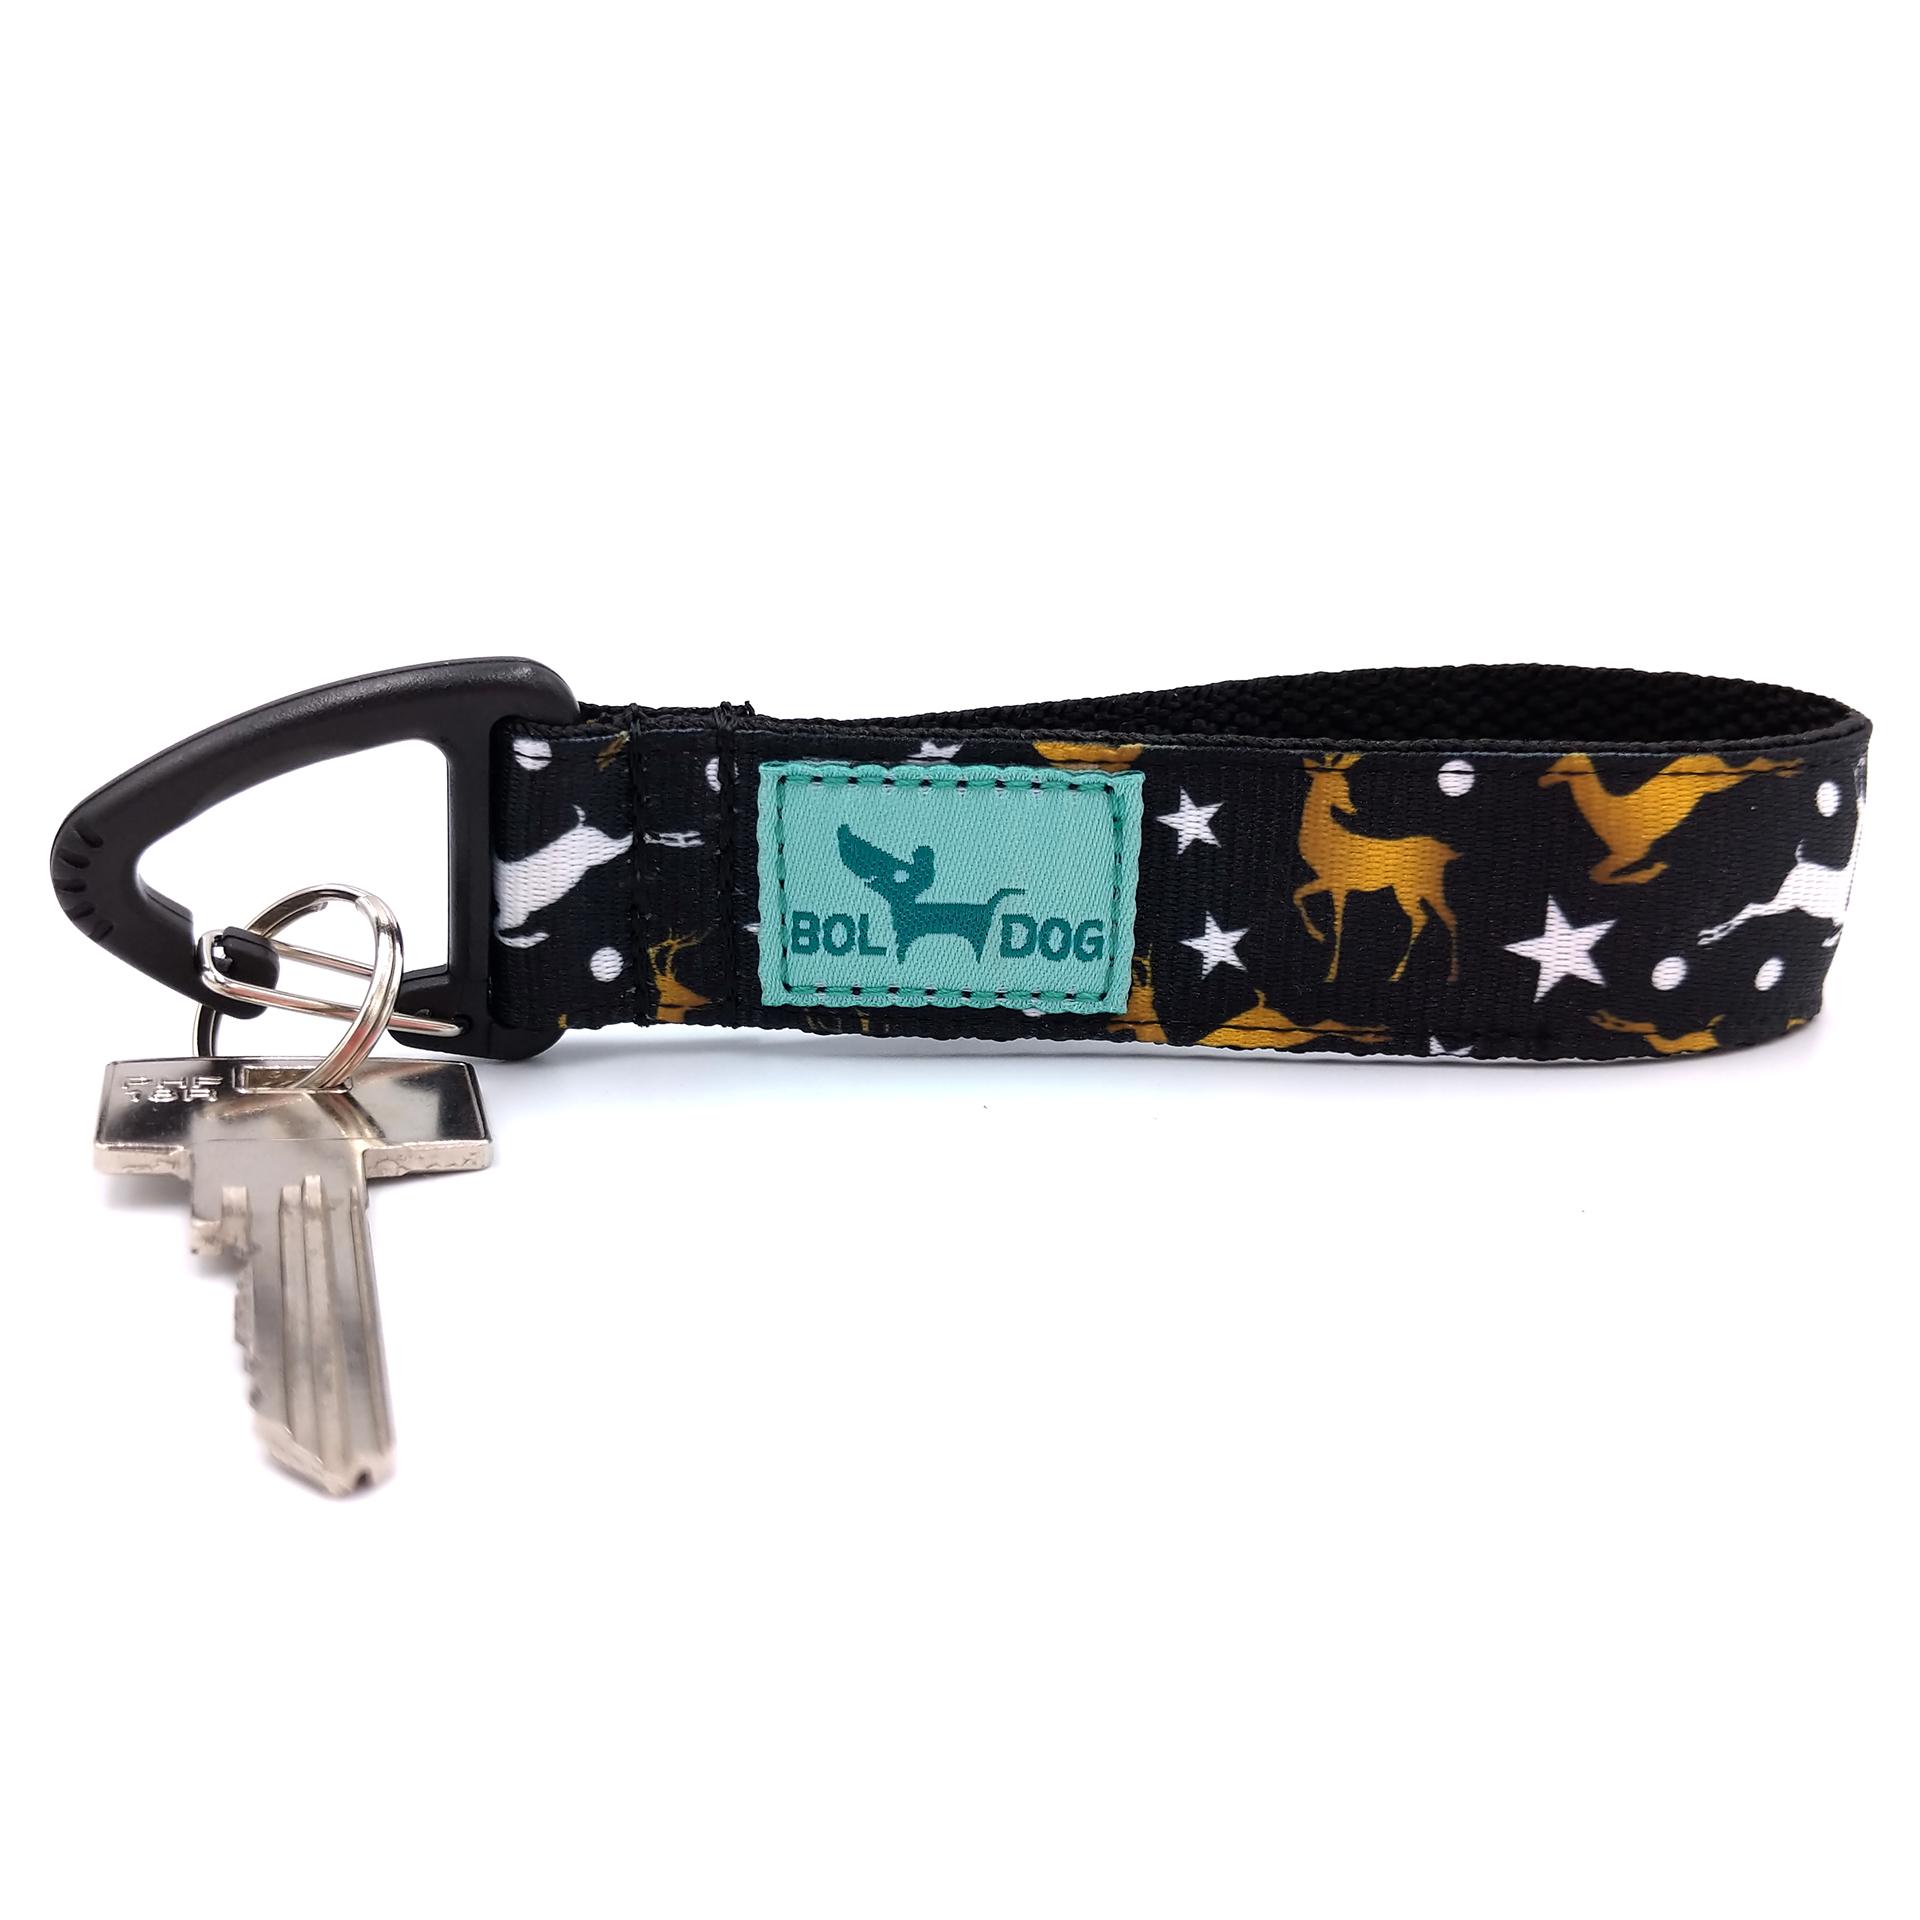 Comet key holder